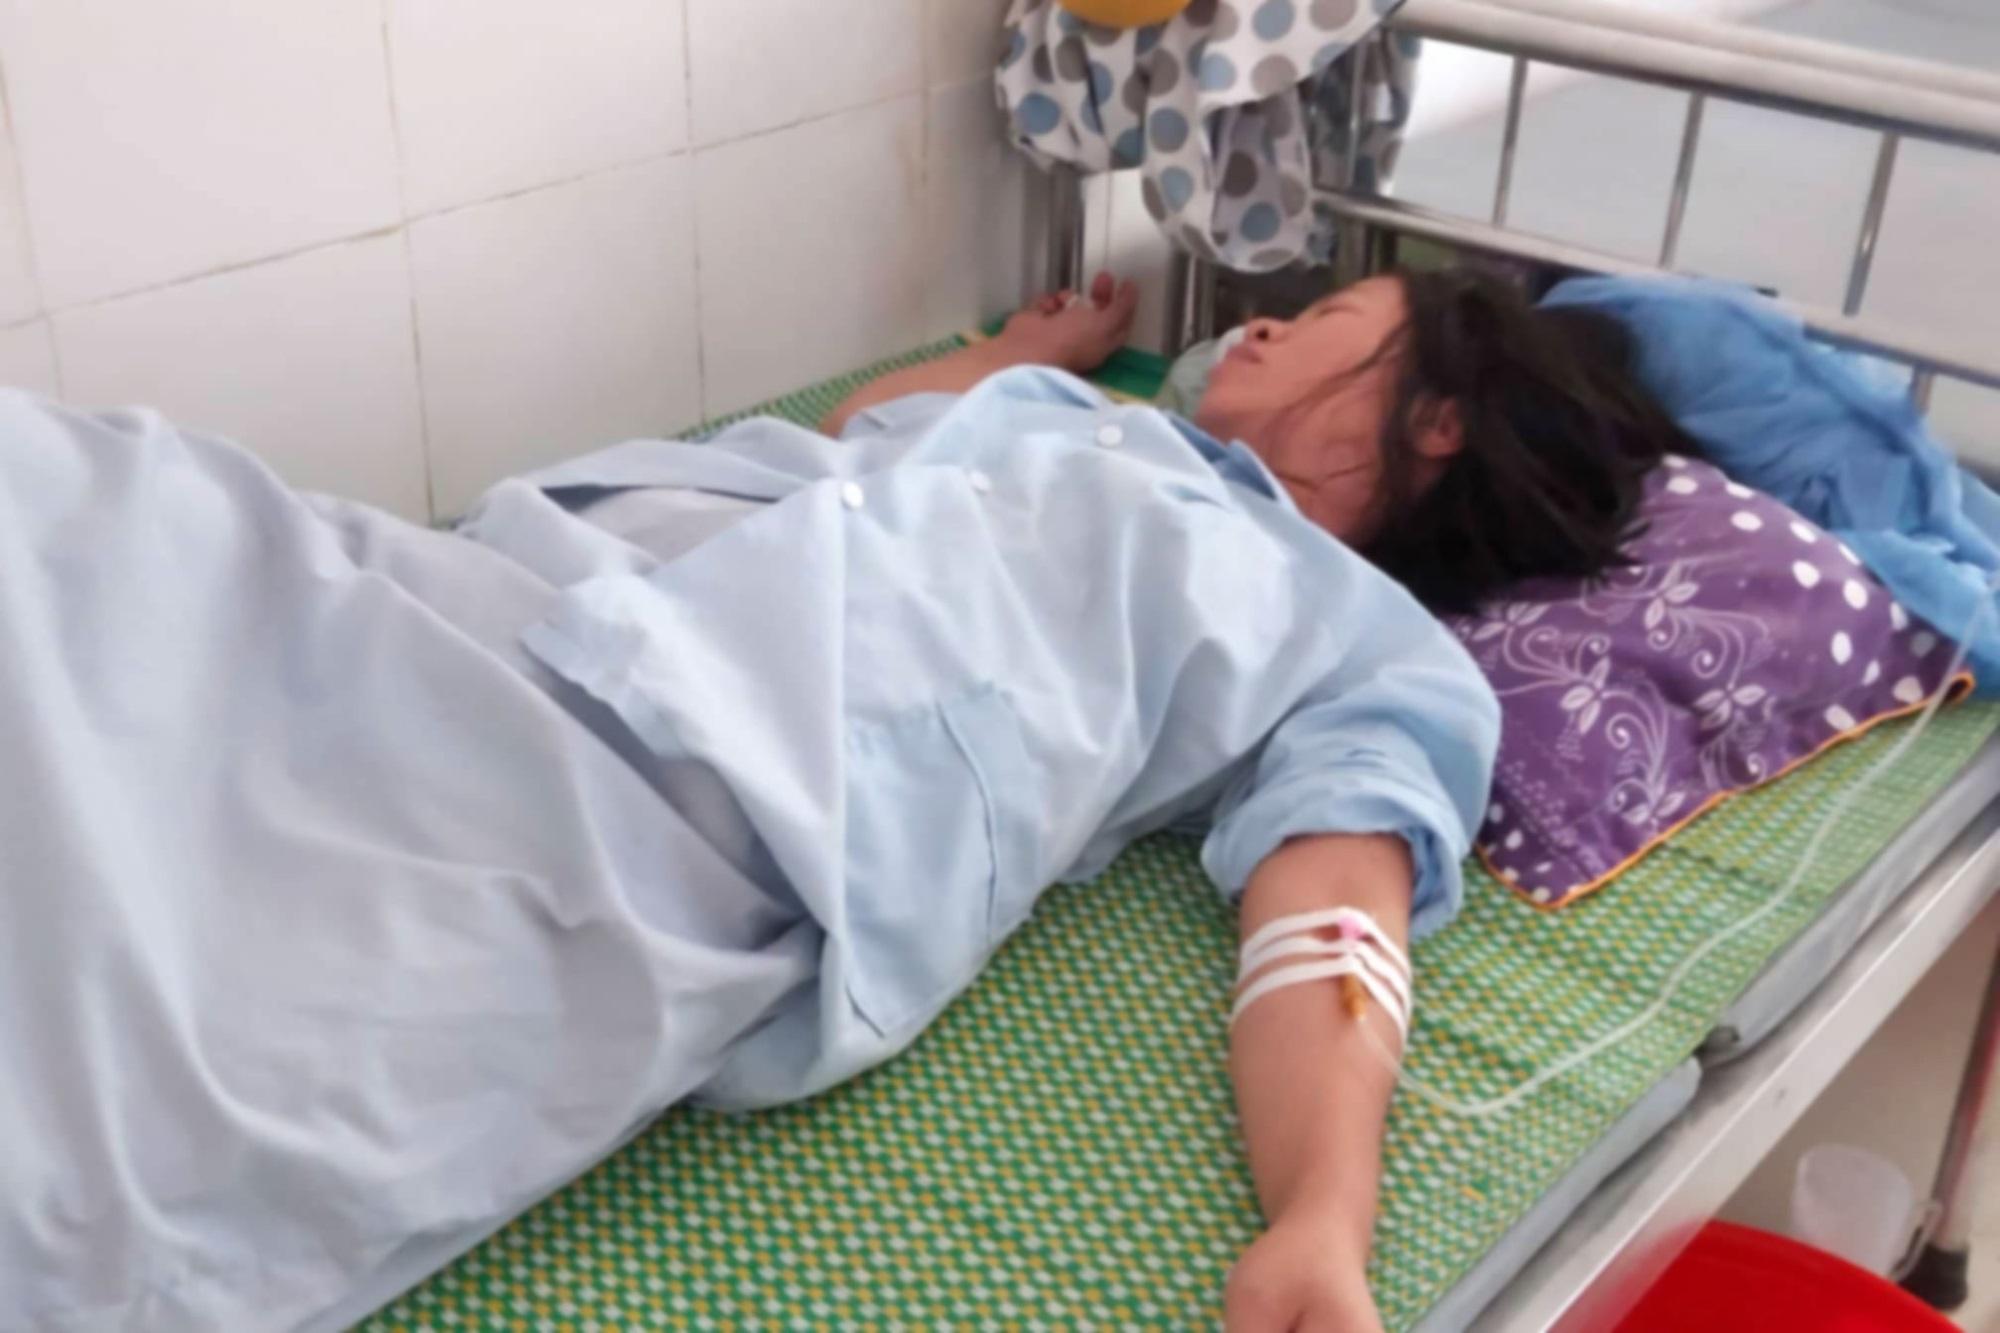 Chuyên gia sản khoa chỉ ra hàng loạt bất thường vụ bác sĩ kéo đứt đầu trẻ sơ sinh: 'Quá đau xót' - Ảnh 2